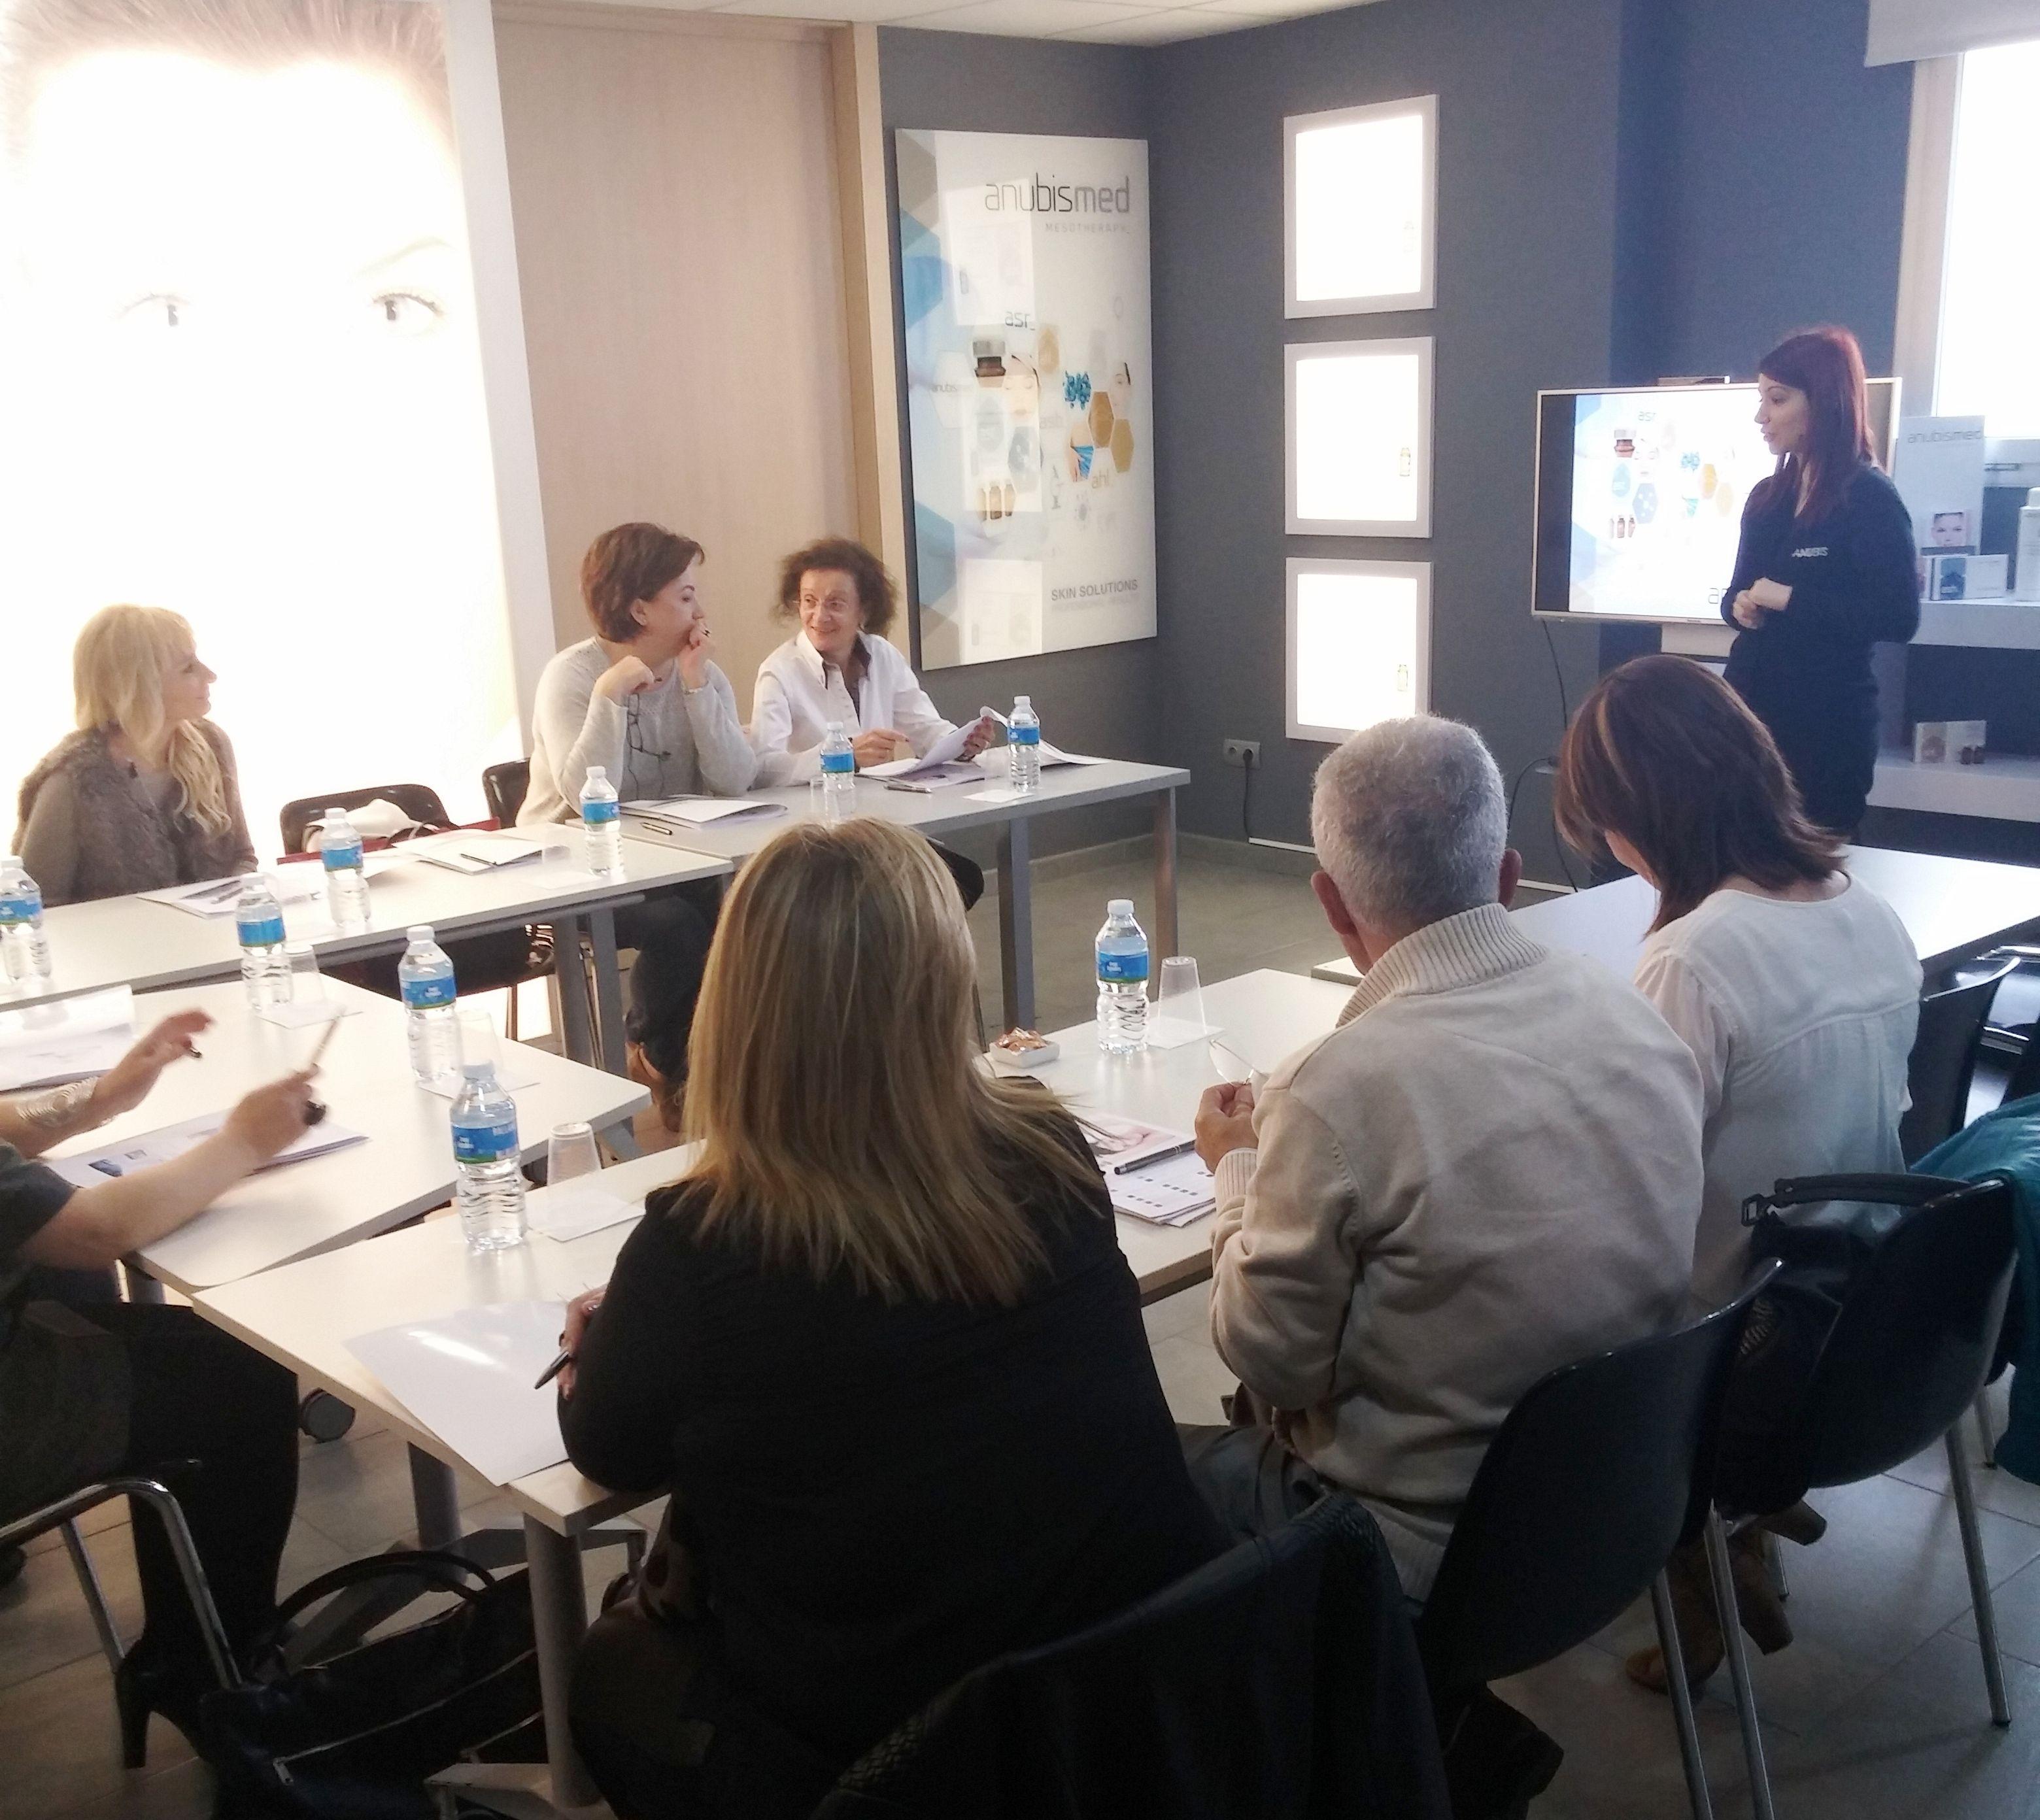 Formación al equipo de Lleida / Training for the Team of Lleida